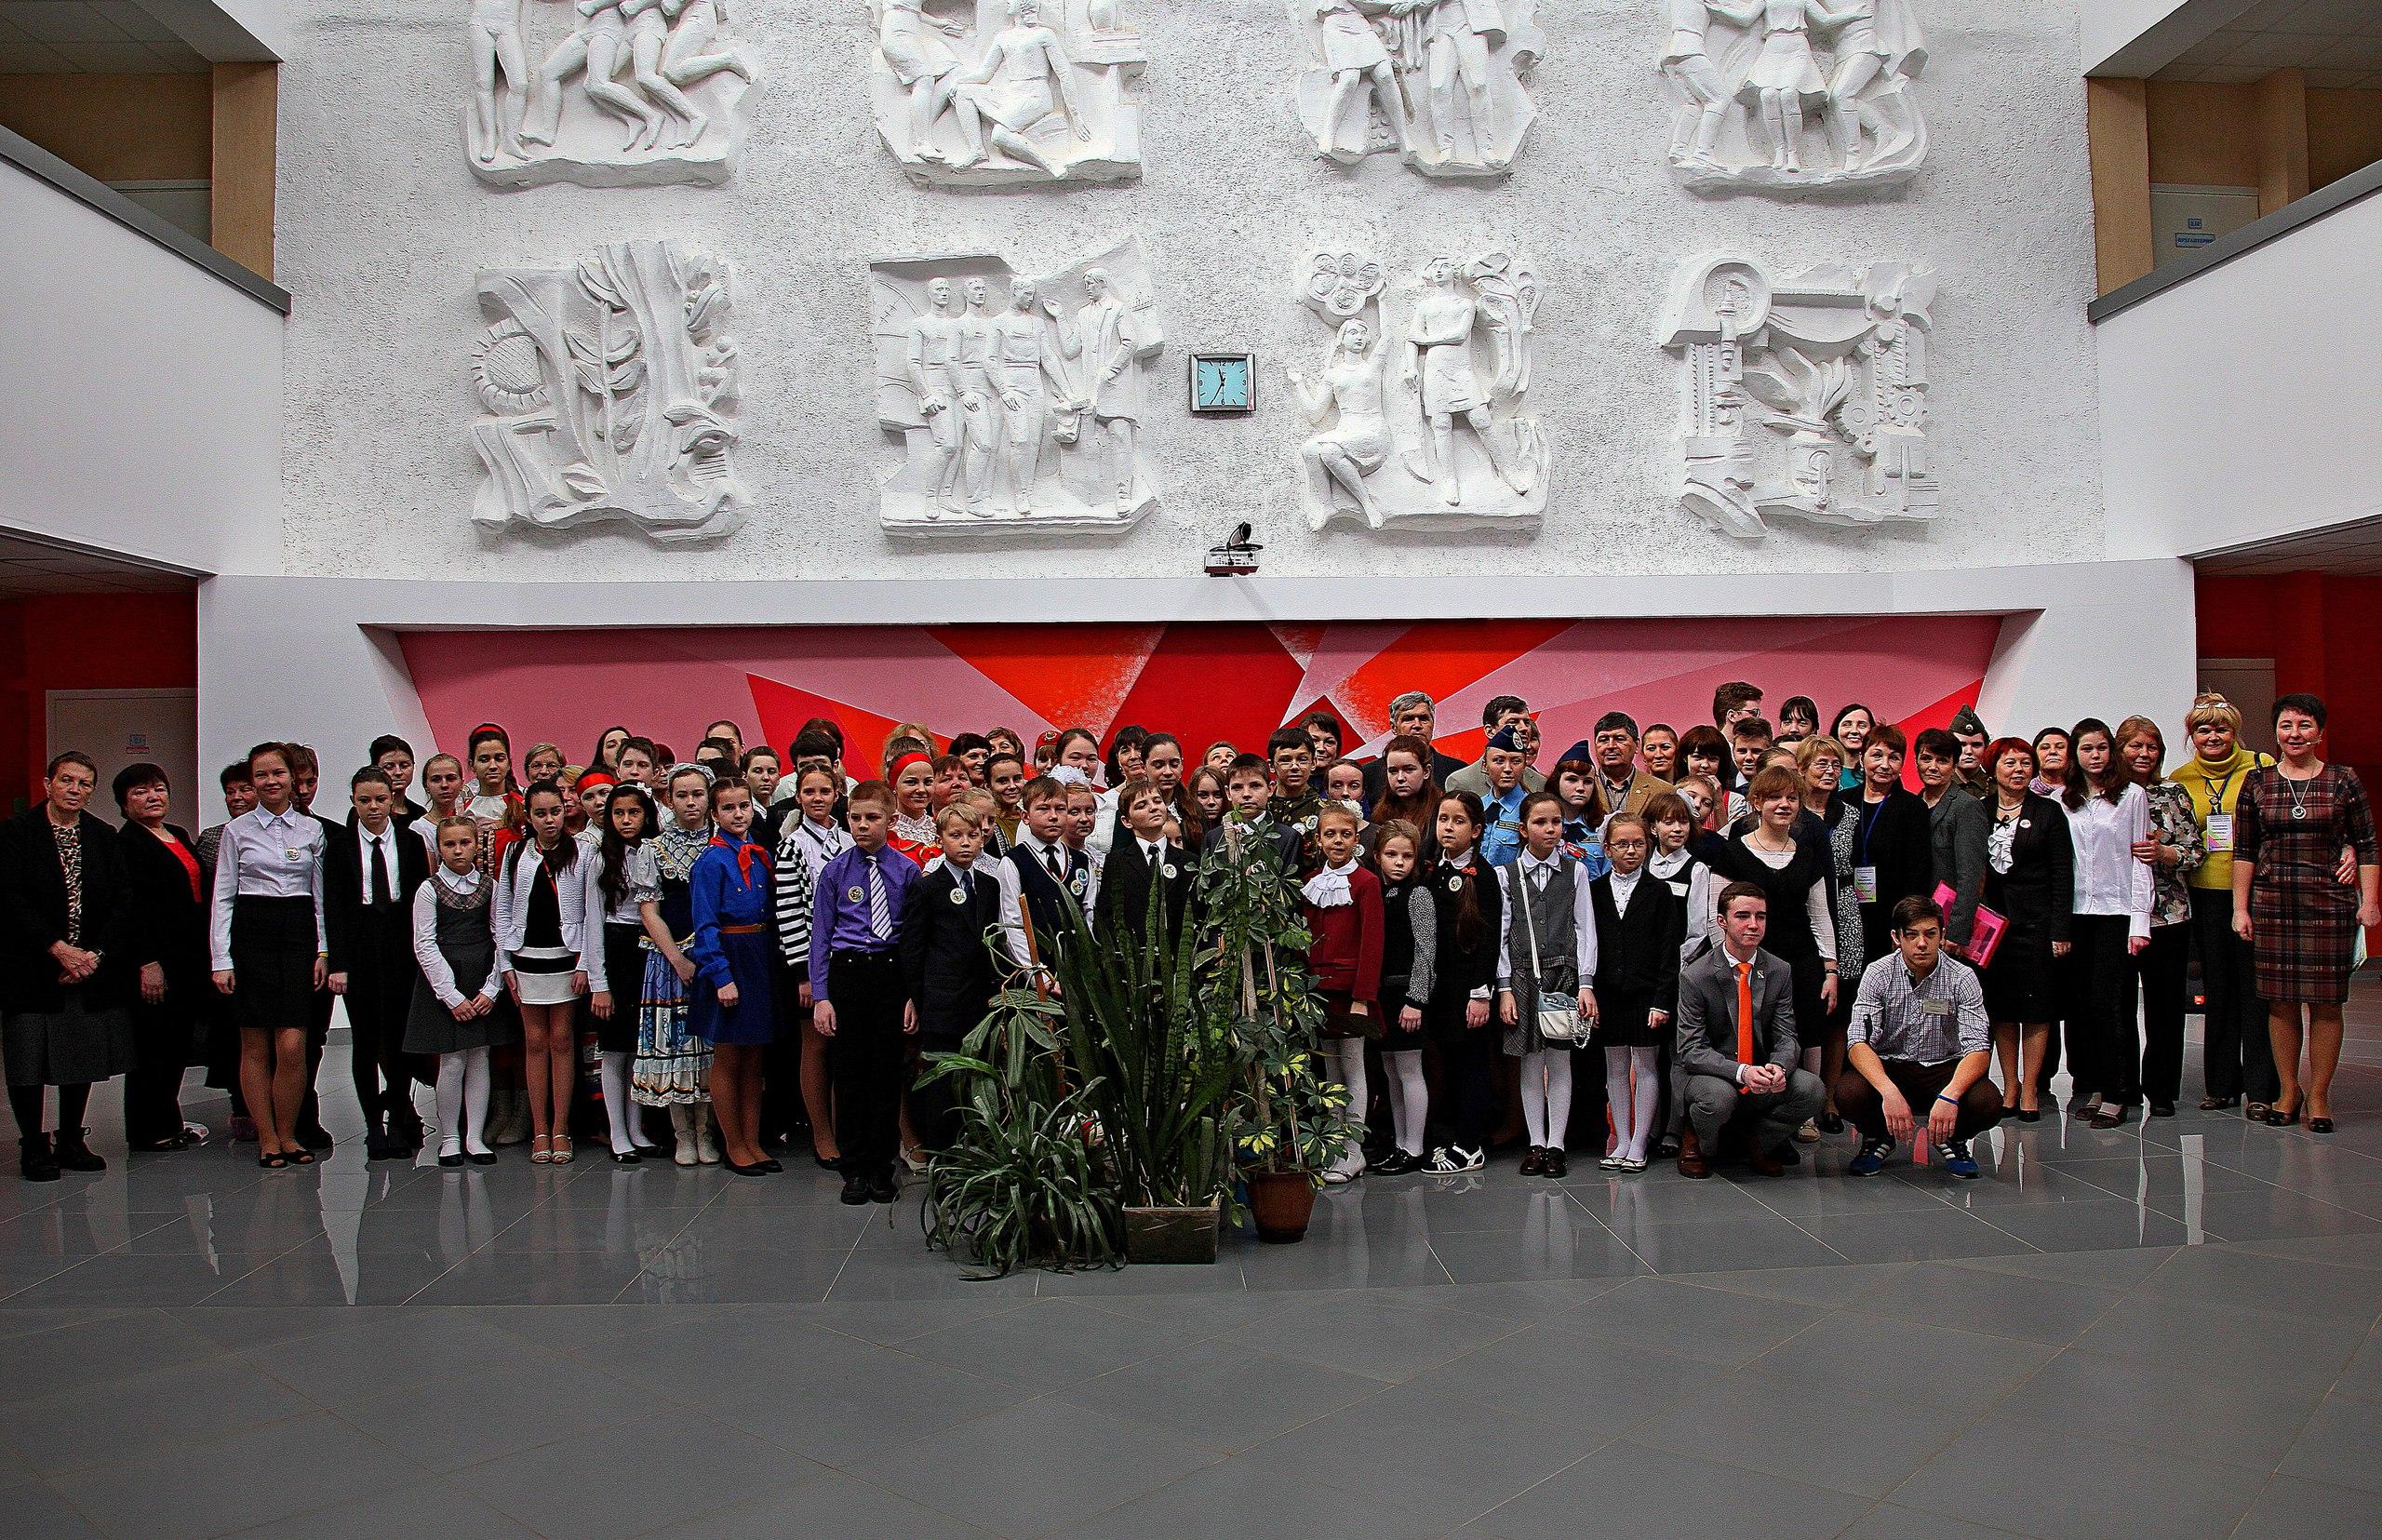 Областной смотр-конкурс юных экскурсоводов музеев образовательных организаций Ленинградской области